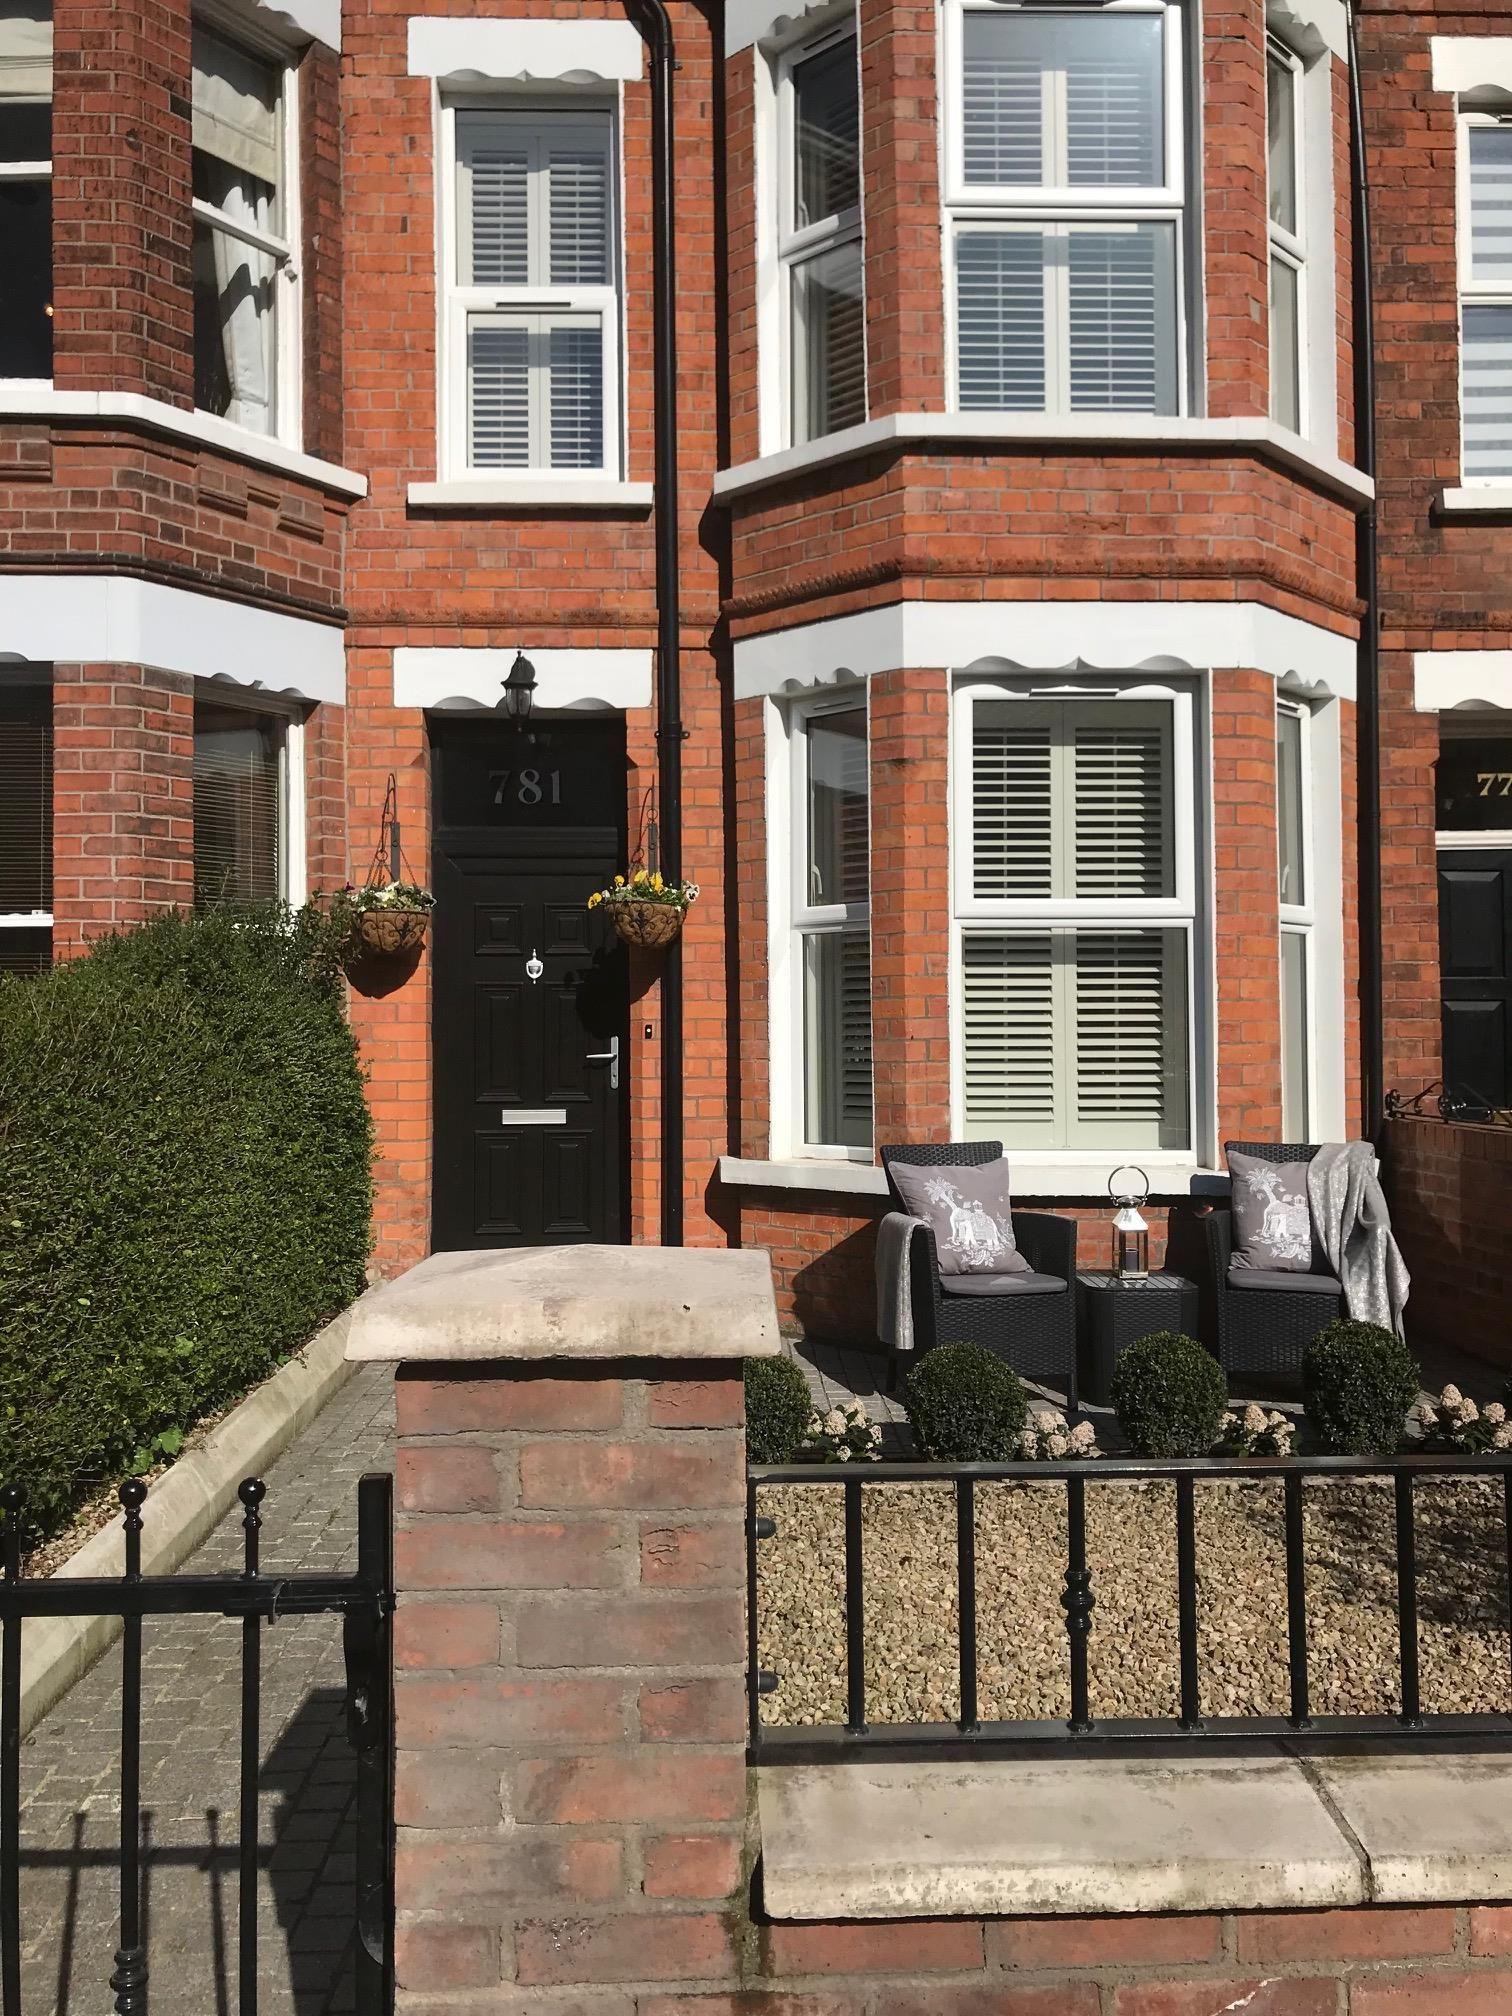 Casa adosada de estilo victoriano en Belfast